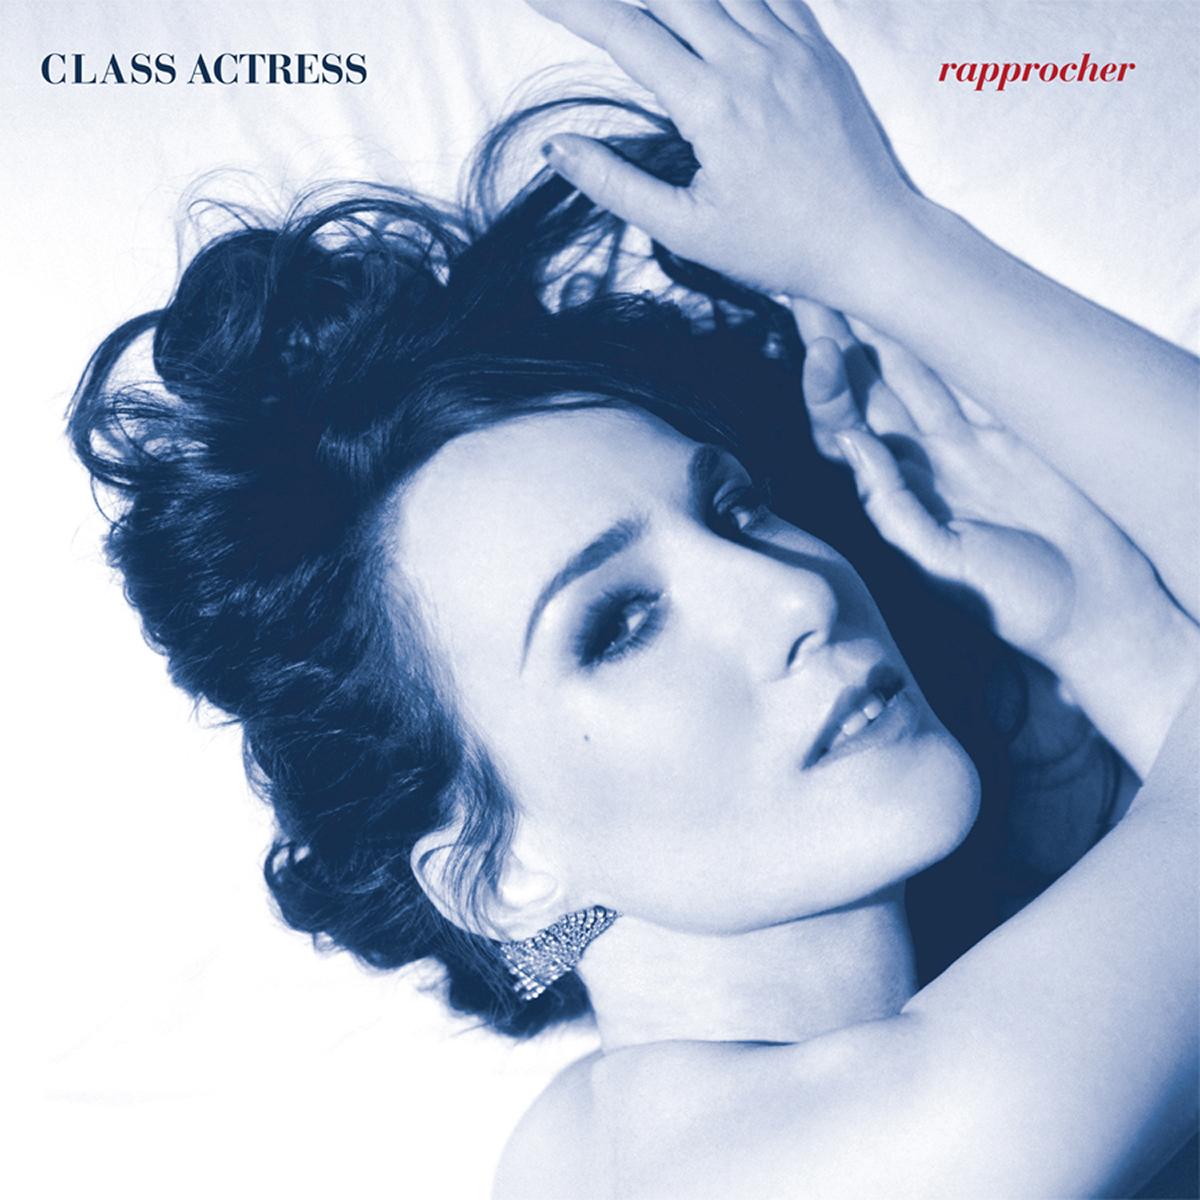 Class Actress, Rapprocher